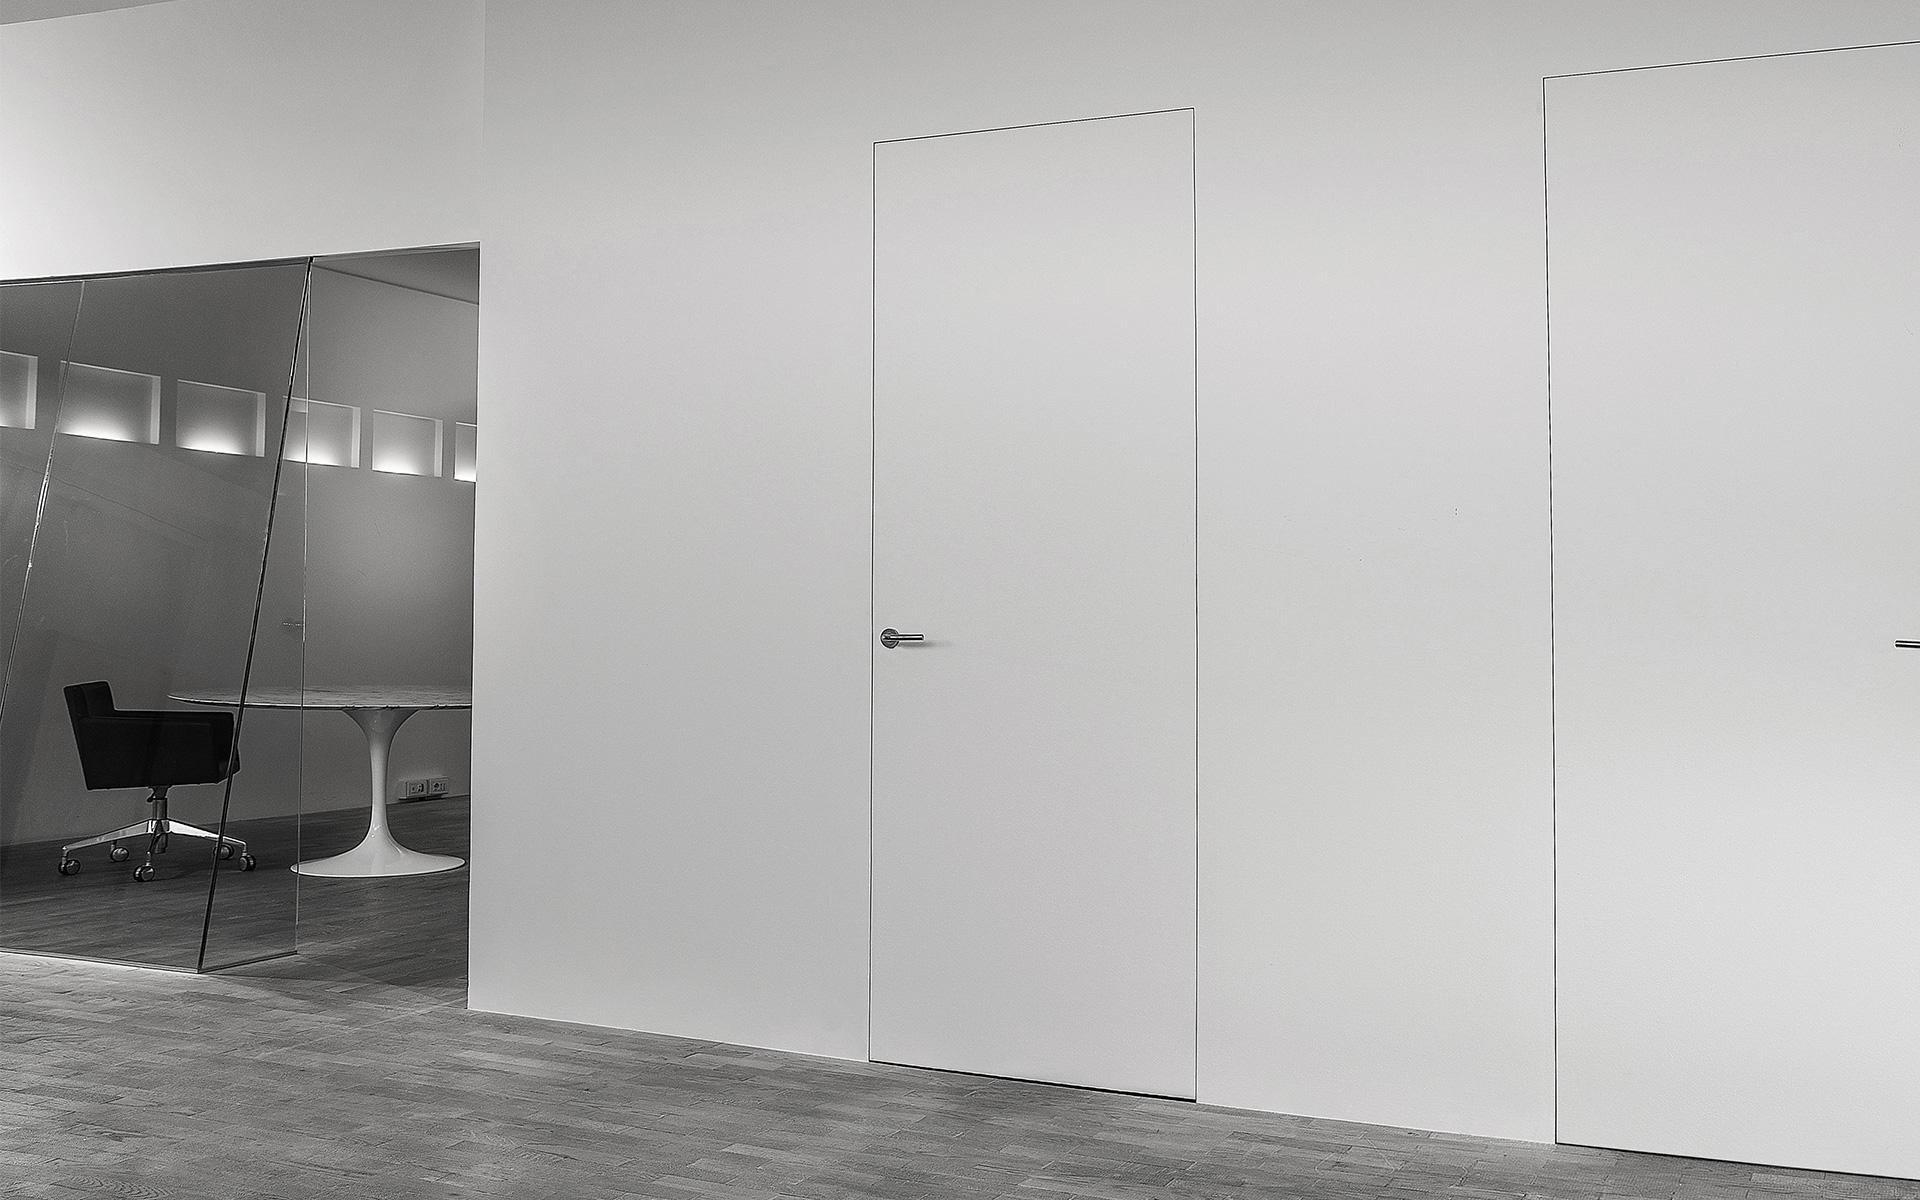 Porte invisibili filomuro o rasomuro in pronta consegna - Evoline3